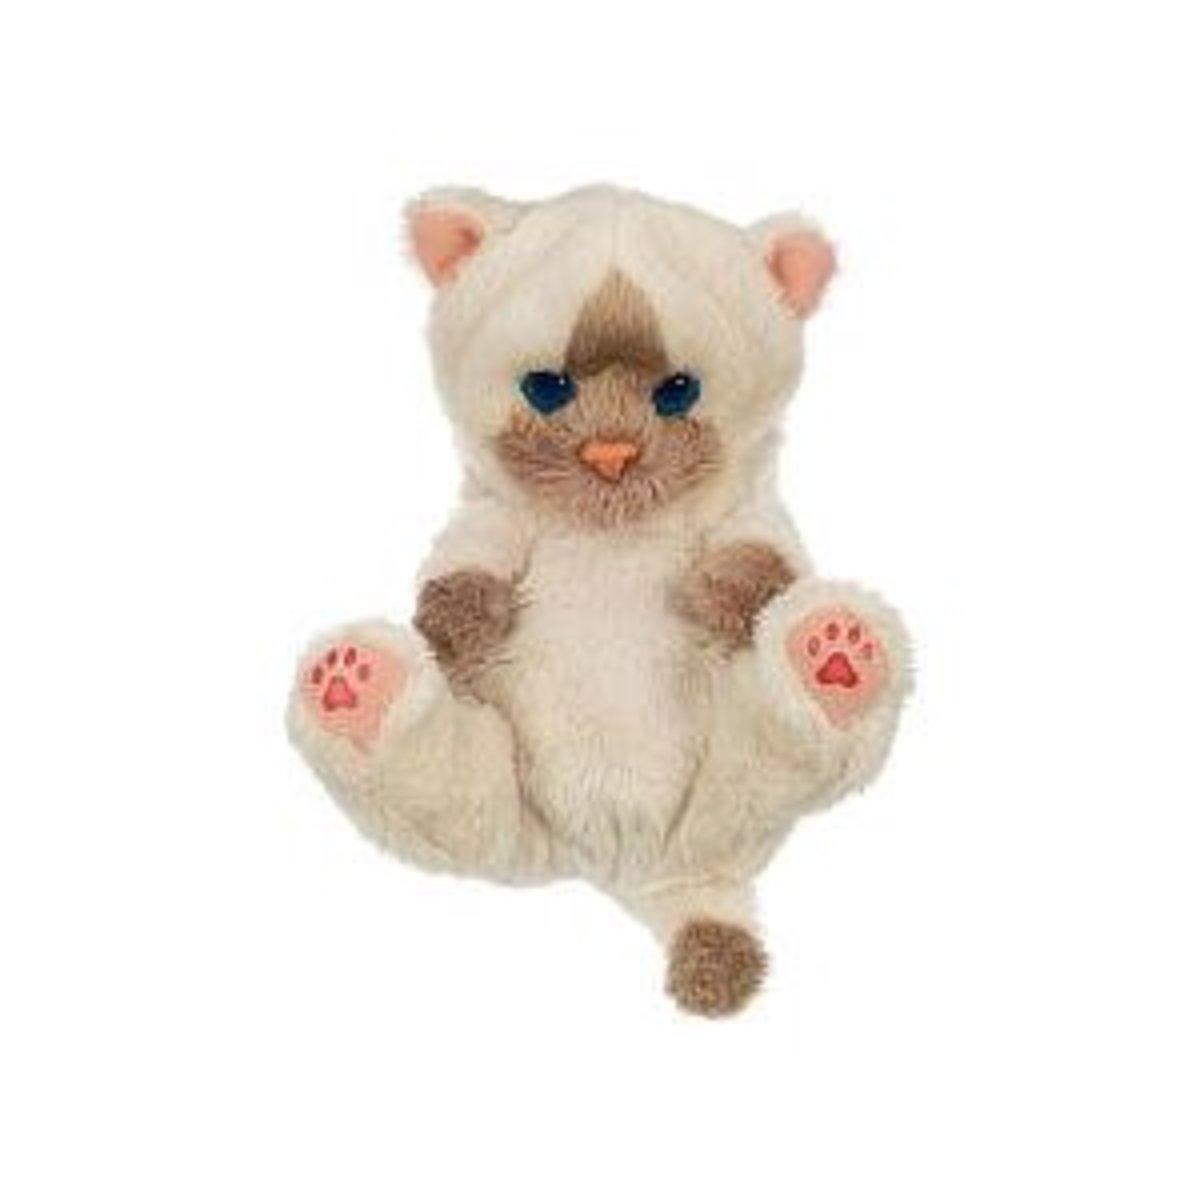 FurReal Snuggimals Kitten